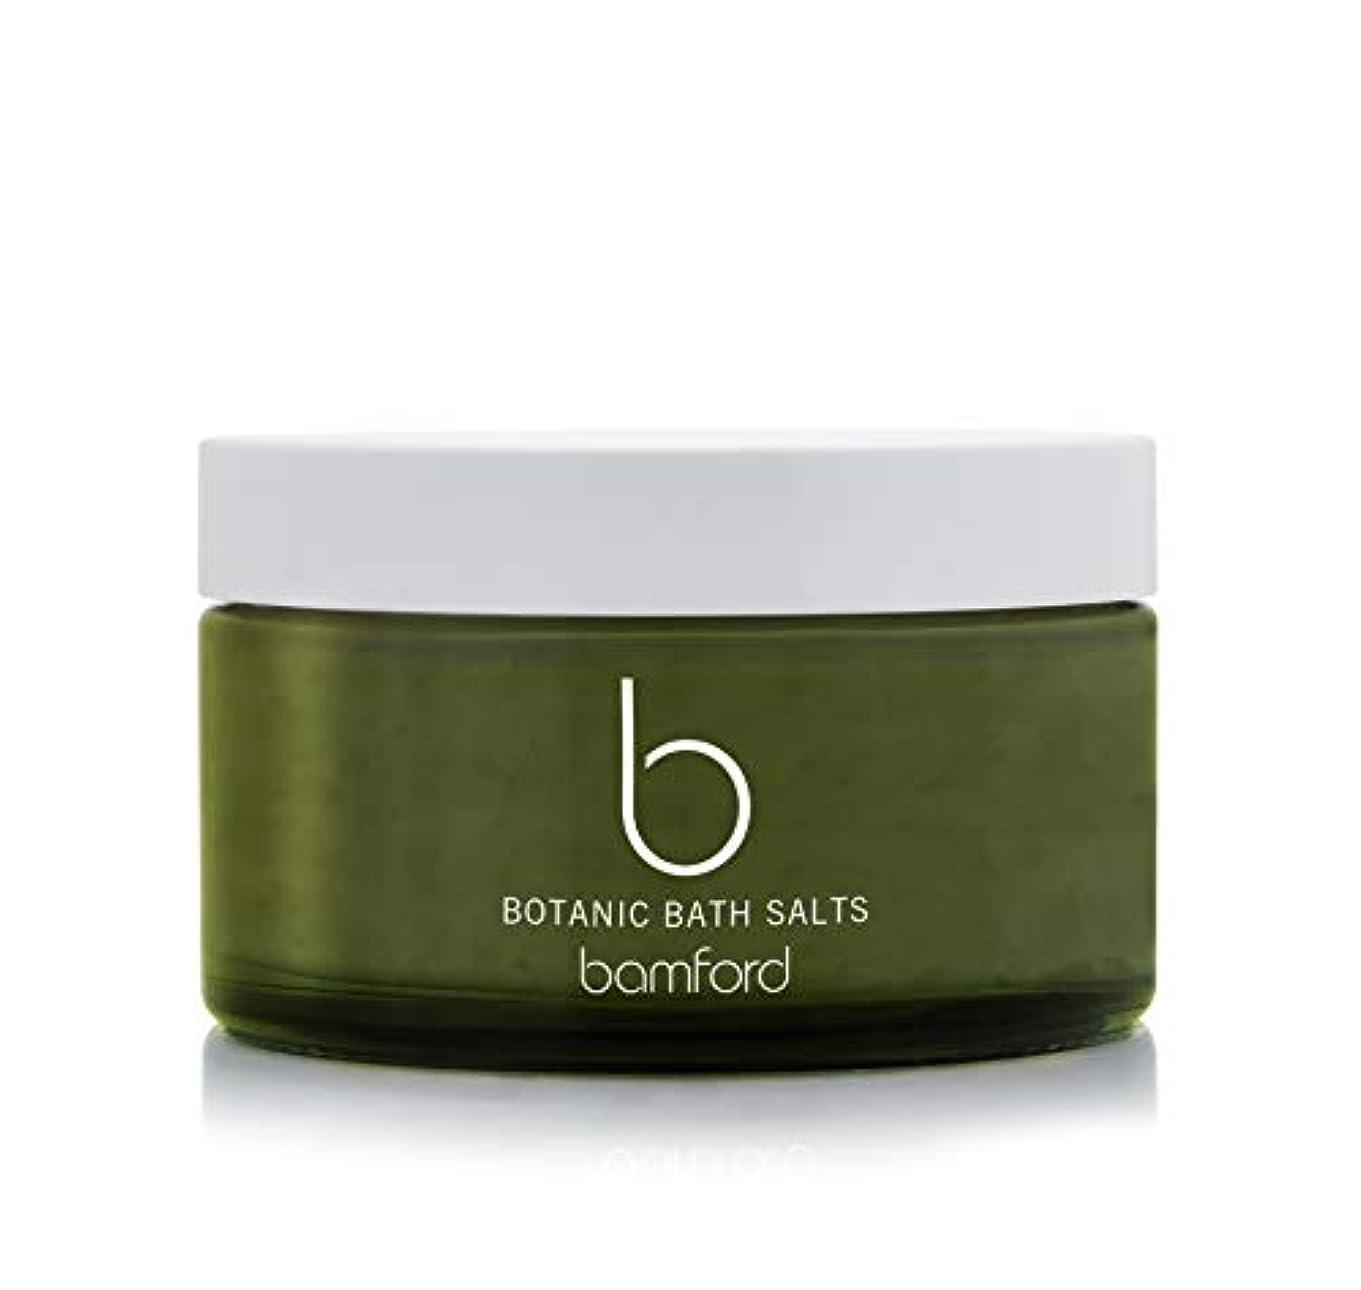 帽子ブラケットに向けて出発bamford(バンフォード) ボタニックバスソルト 入浴剤 250g